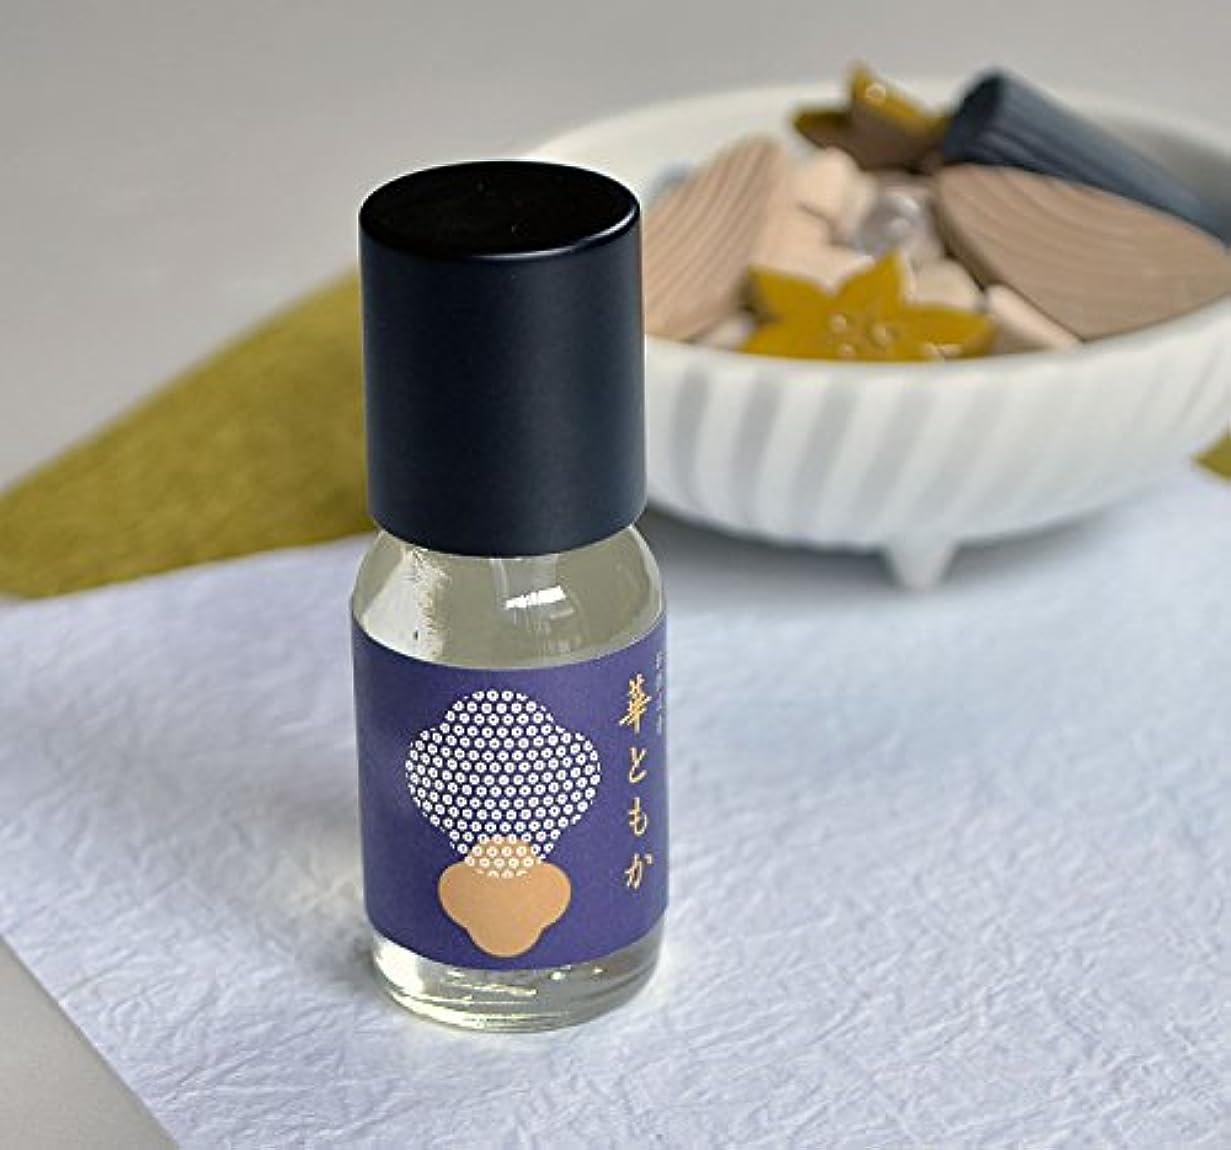 ハウジングシャイニング集めるお供え香 華ともか 補充用香料 白檀の香り